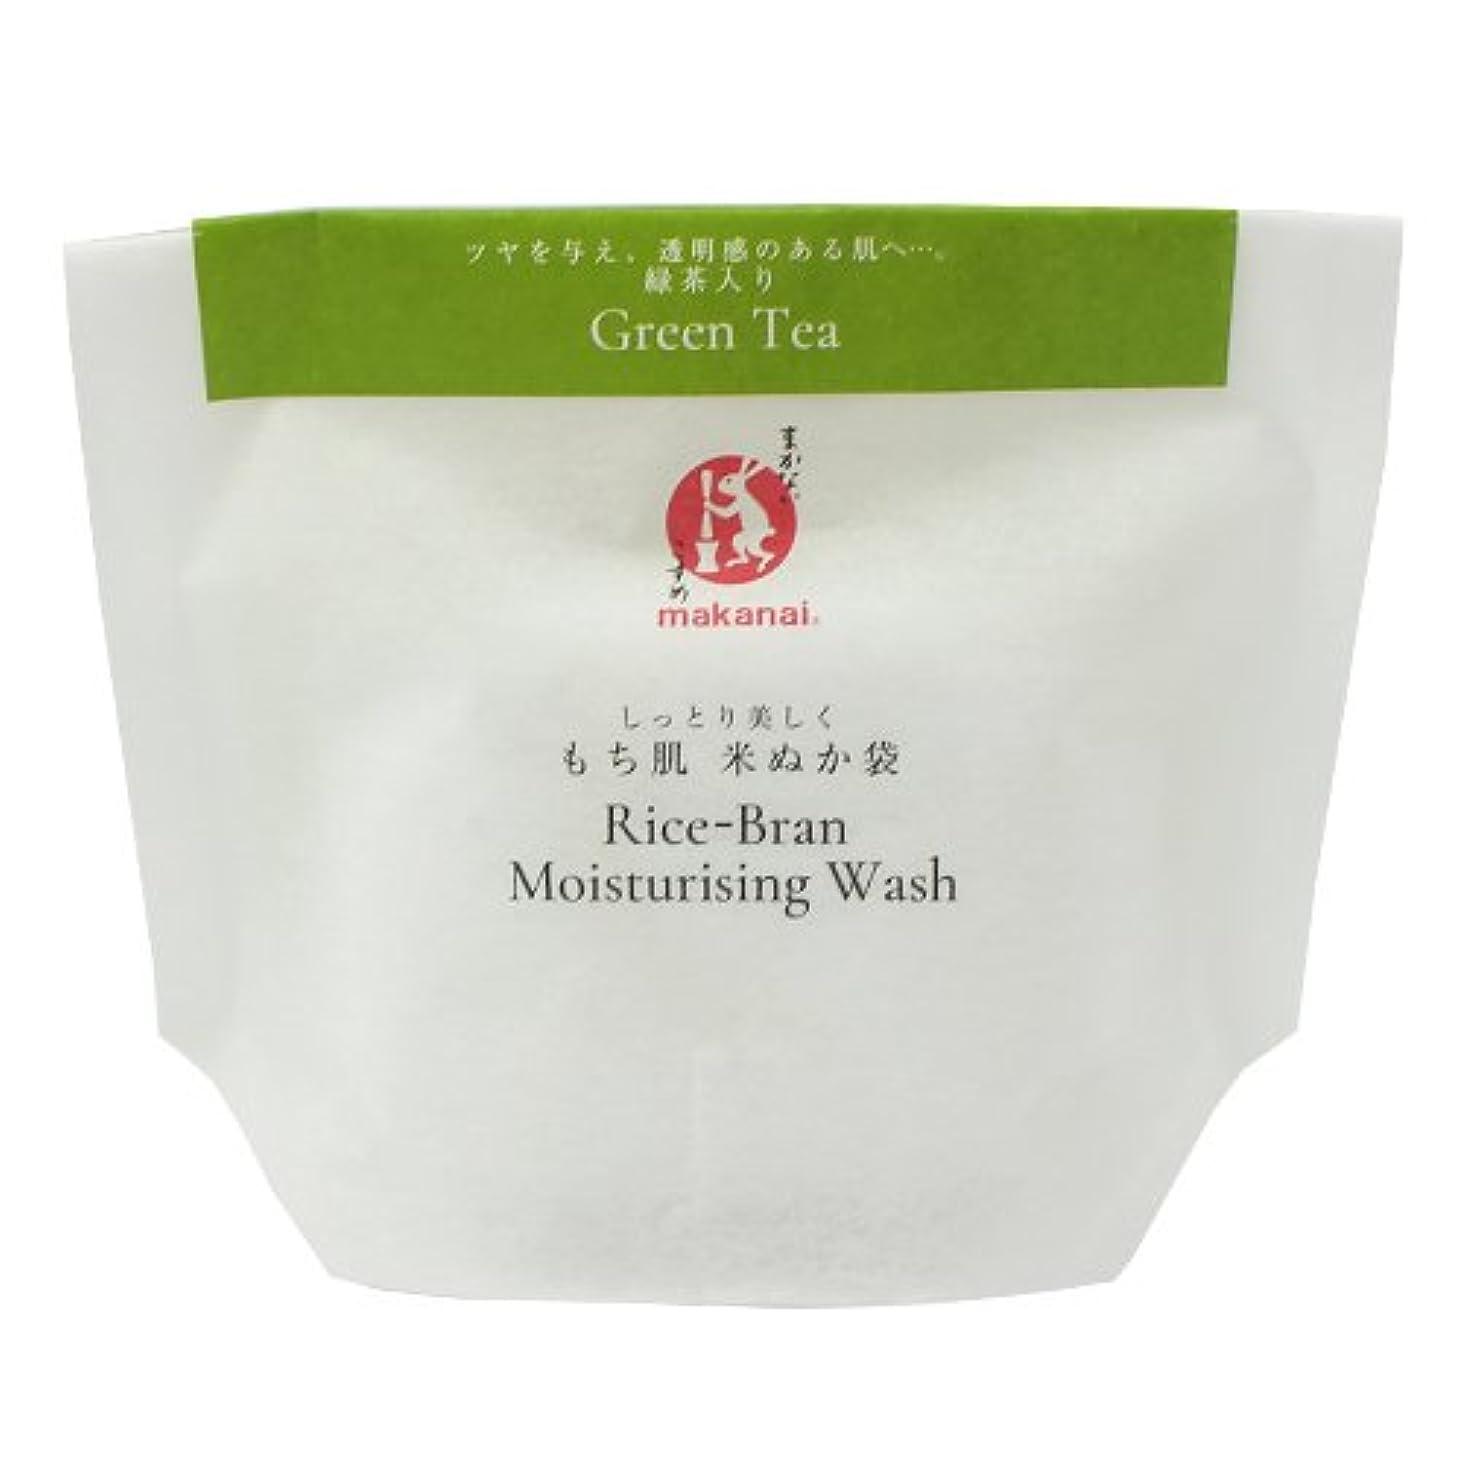 塗抹の慈悲で検体まかないこすめ もち肌米ぬか袋(緑茶)27g